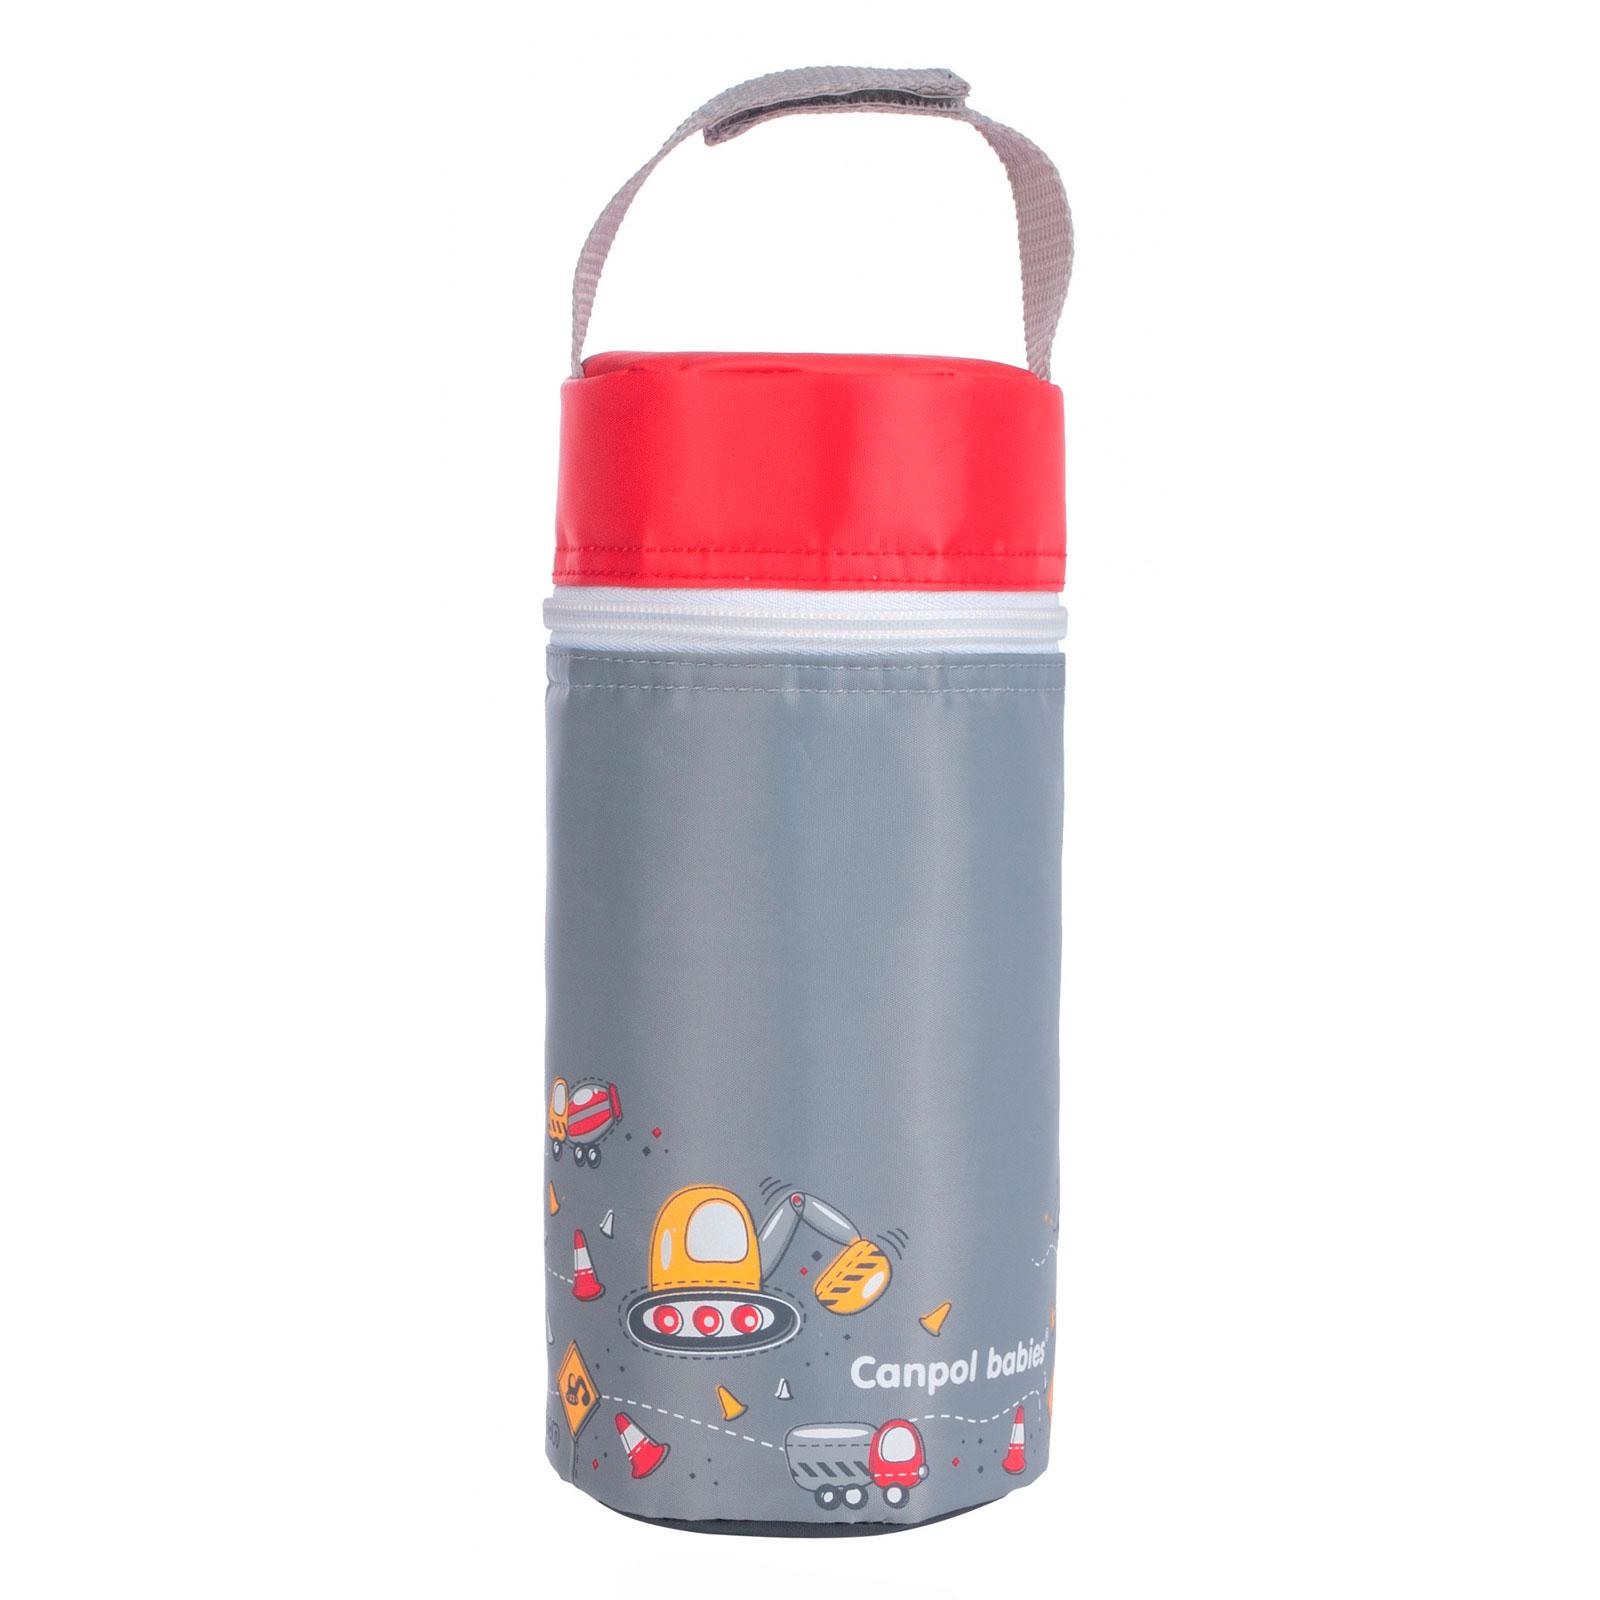 Термоконтейнер Canpol Babies для фигурных бутылочек Для фигурных бутылочек (арт 69/003)<br>